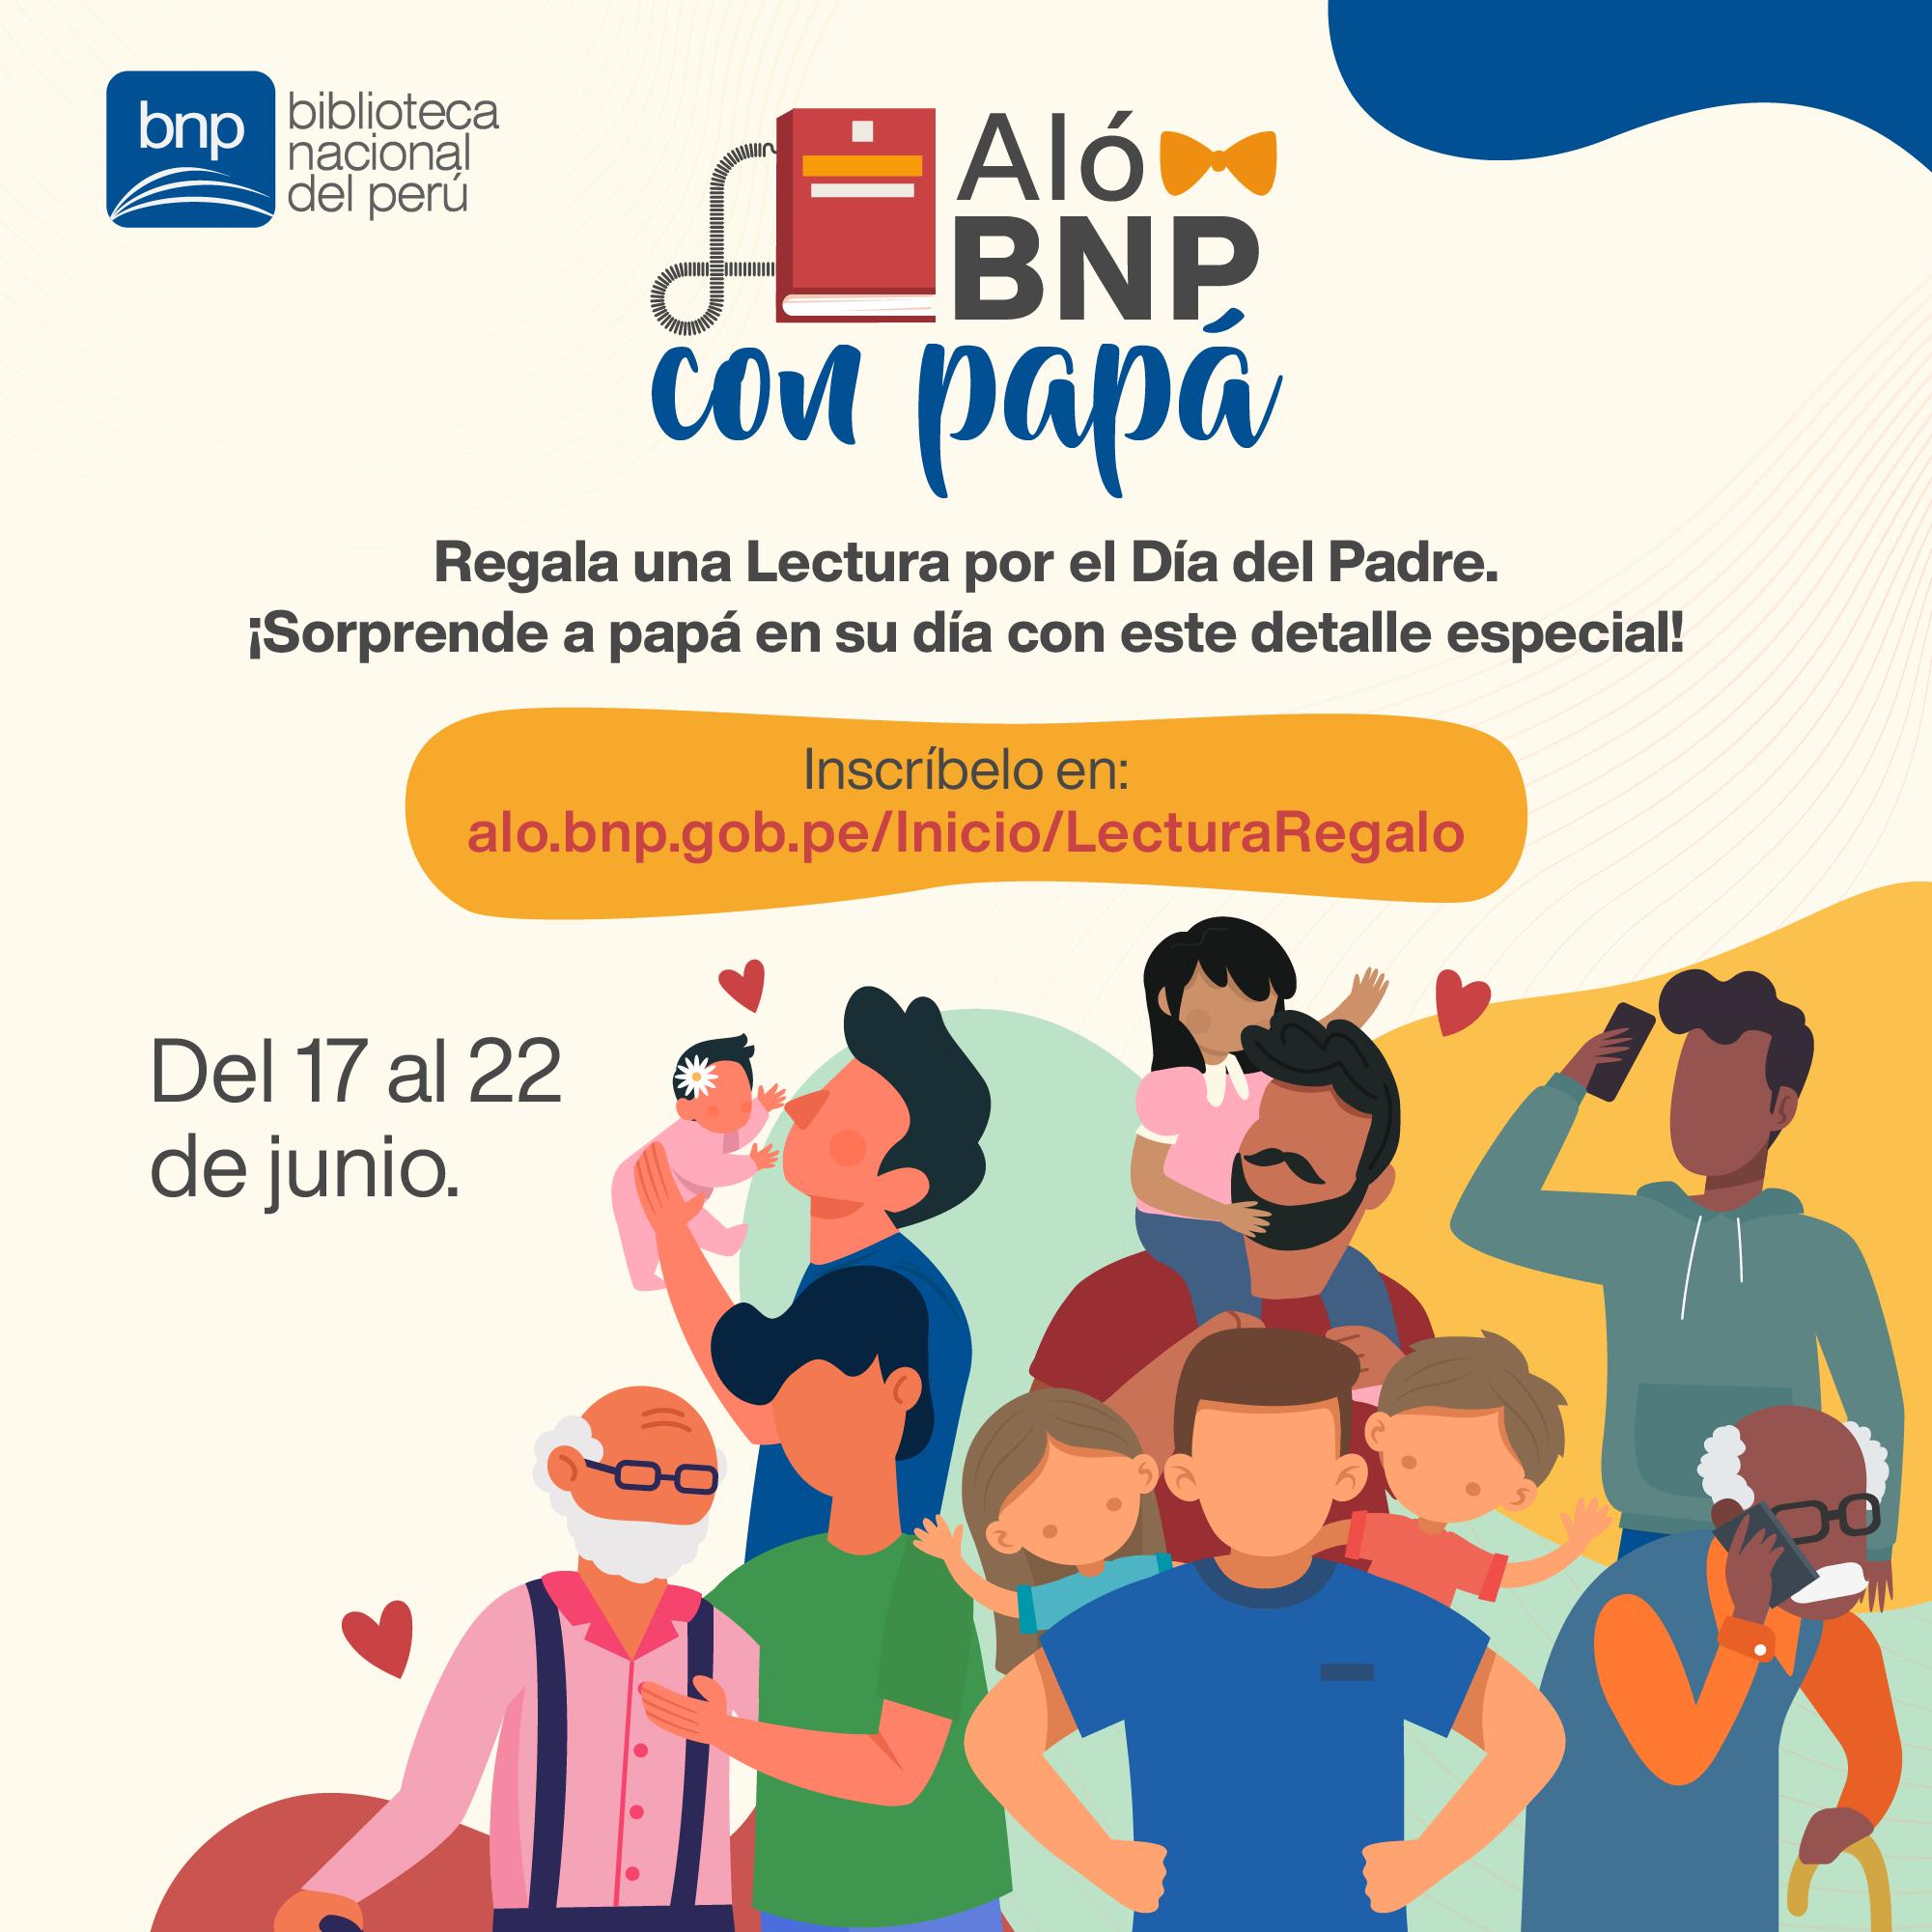 """Regala una lectura en el Día del Padre a través de """"Aló BNP"""""""